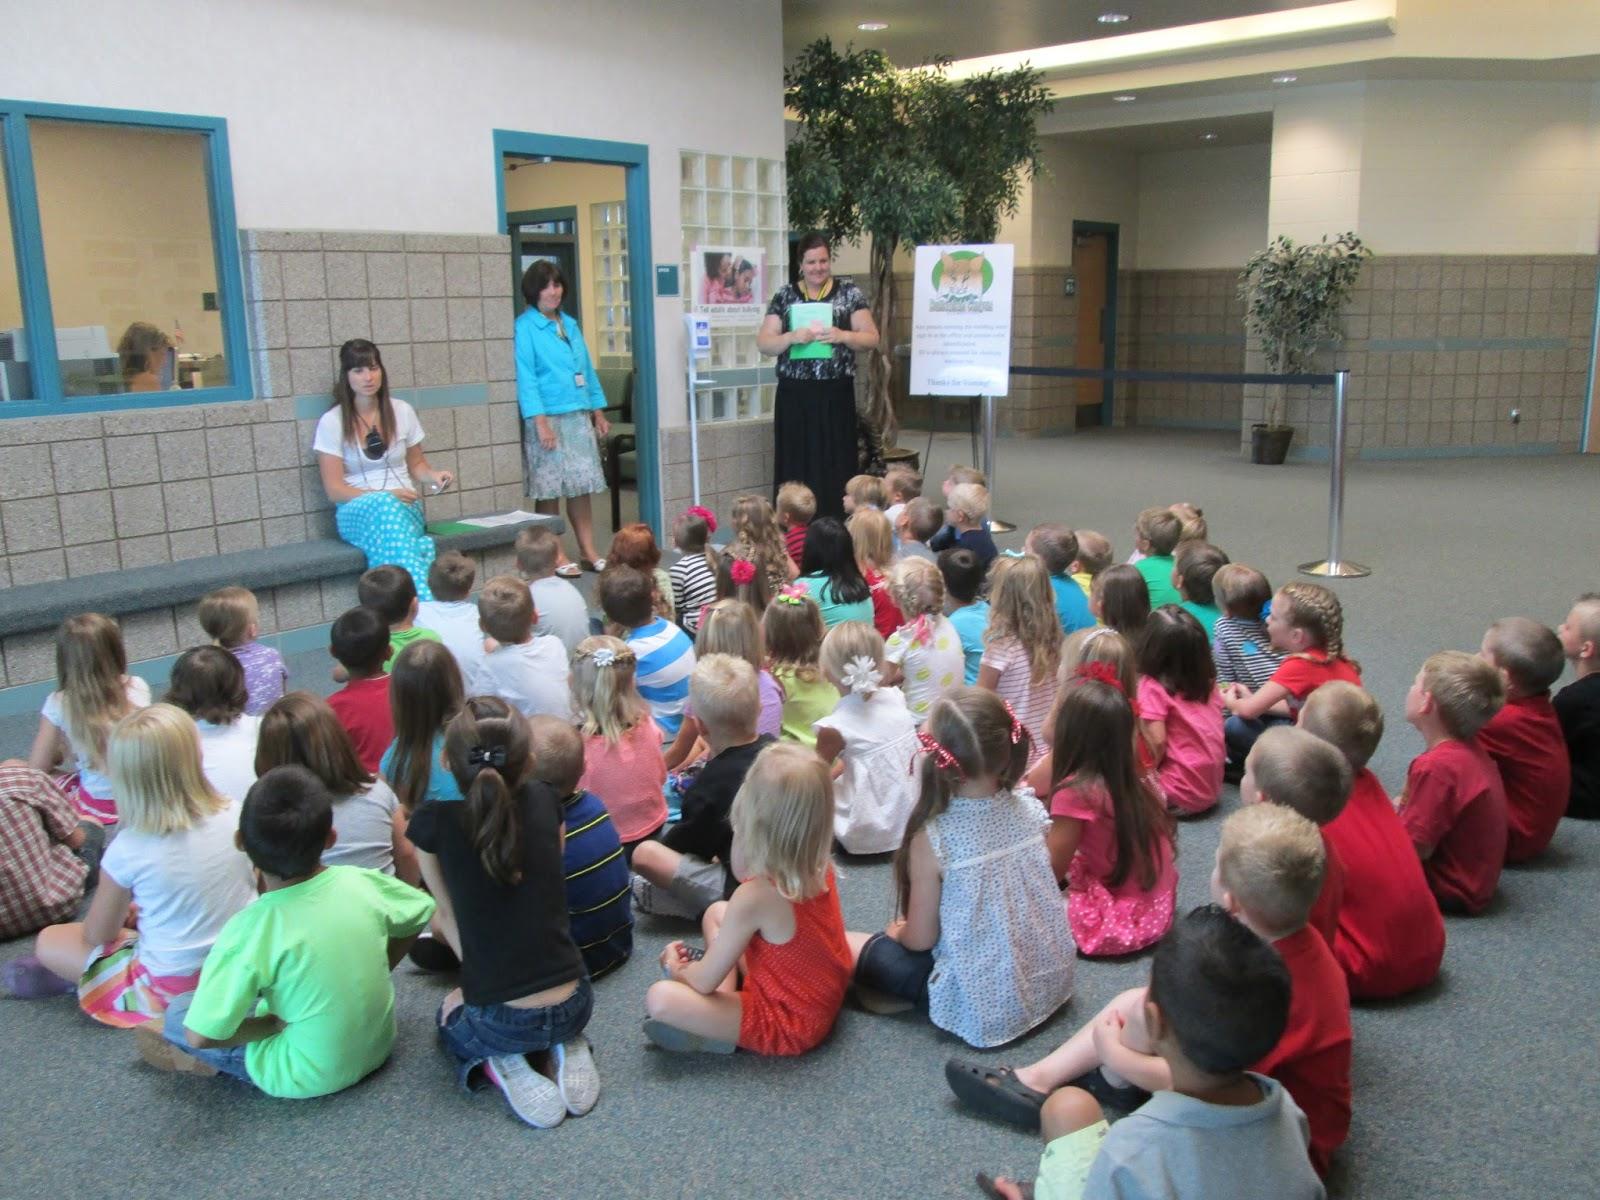 Kindergarten Class: Mrs. Taft's Kindergarten Class: Welcome To Kindergarten